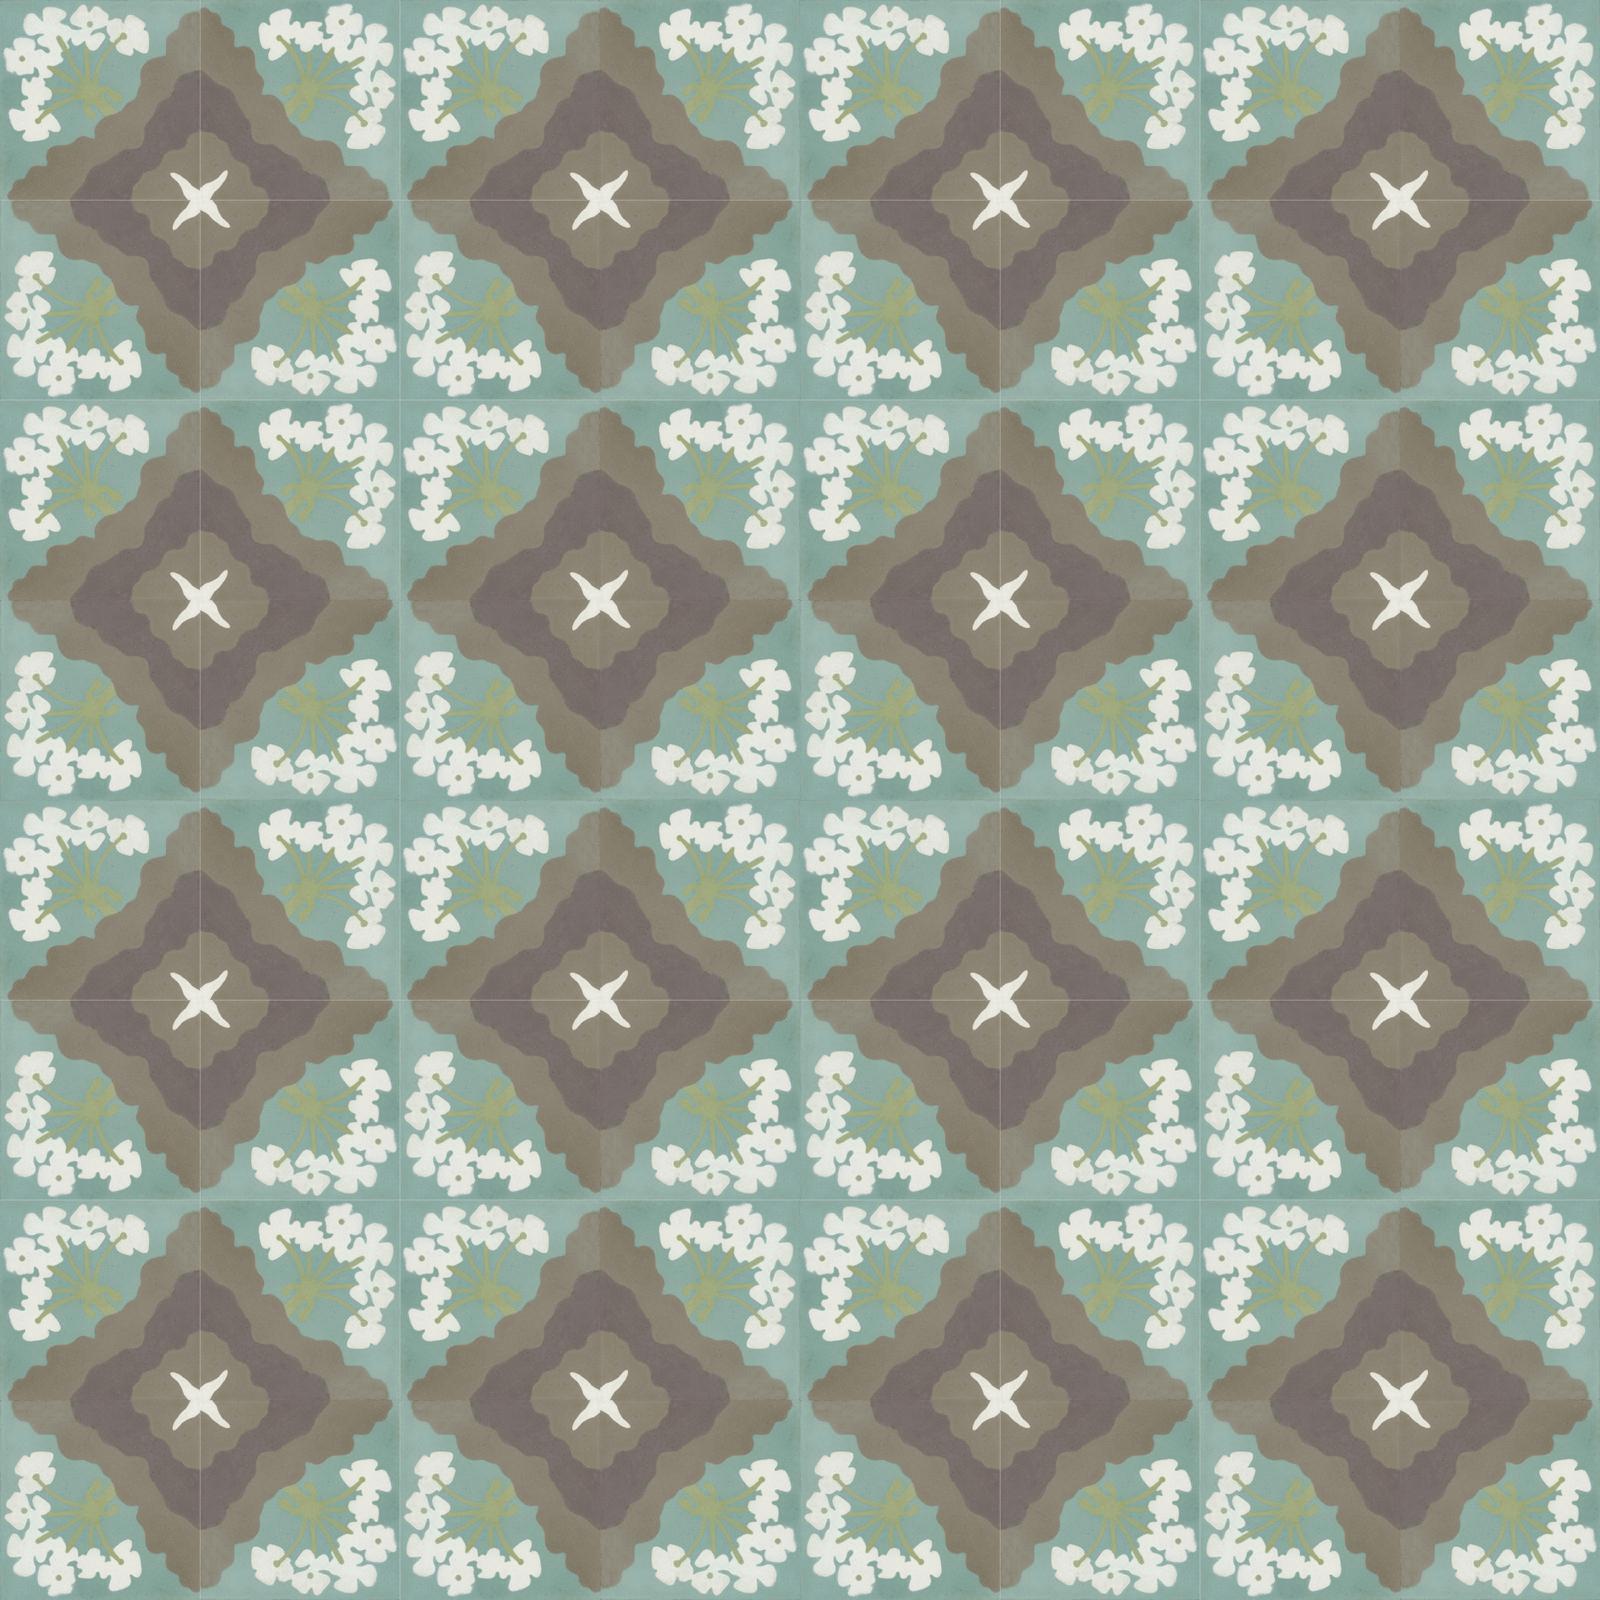 zementfliesen-verlegemuster-51123-viaplatten | 51123